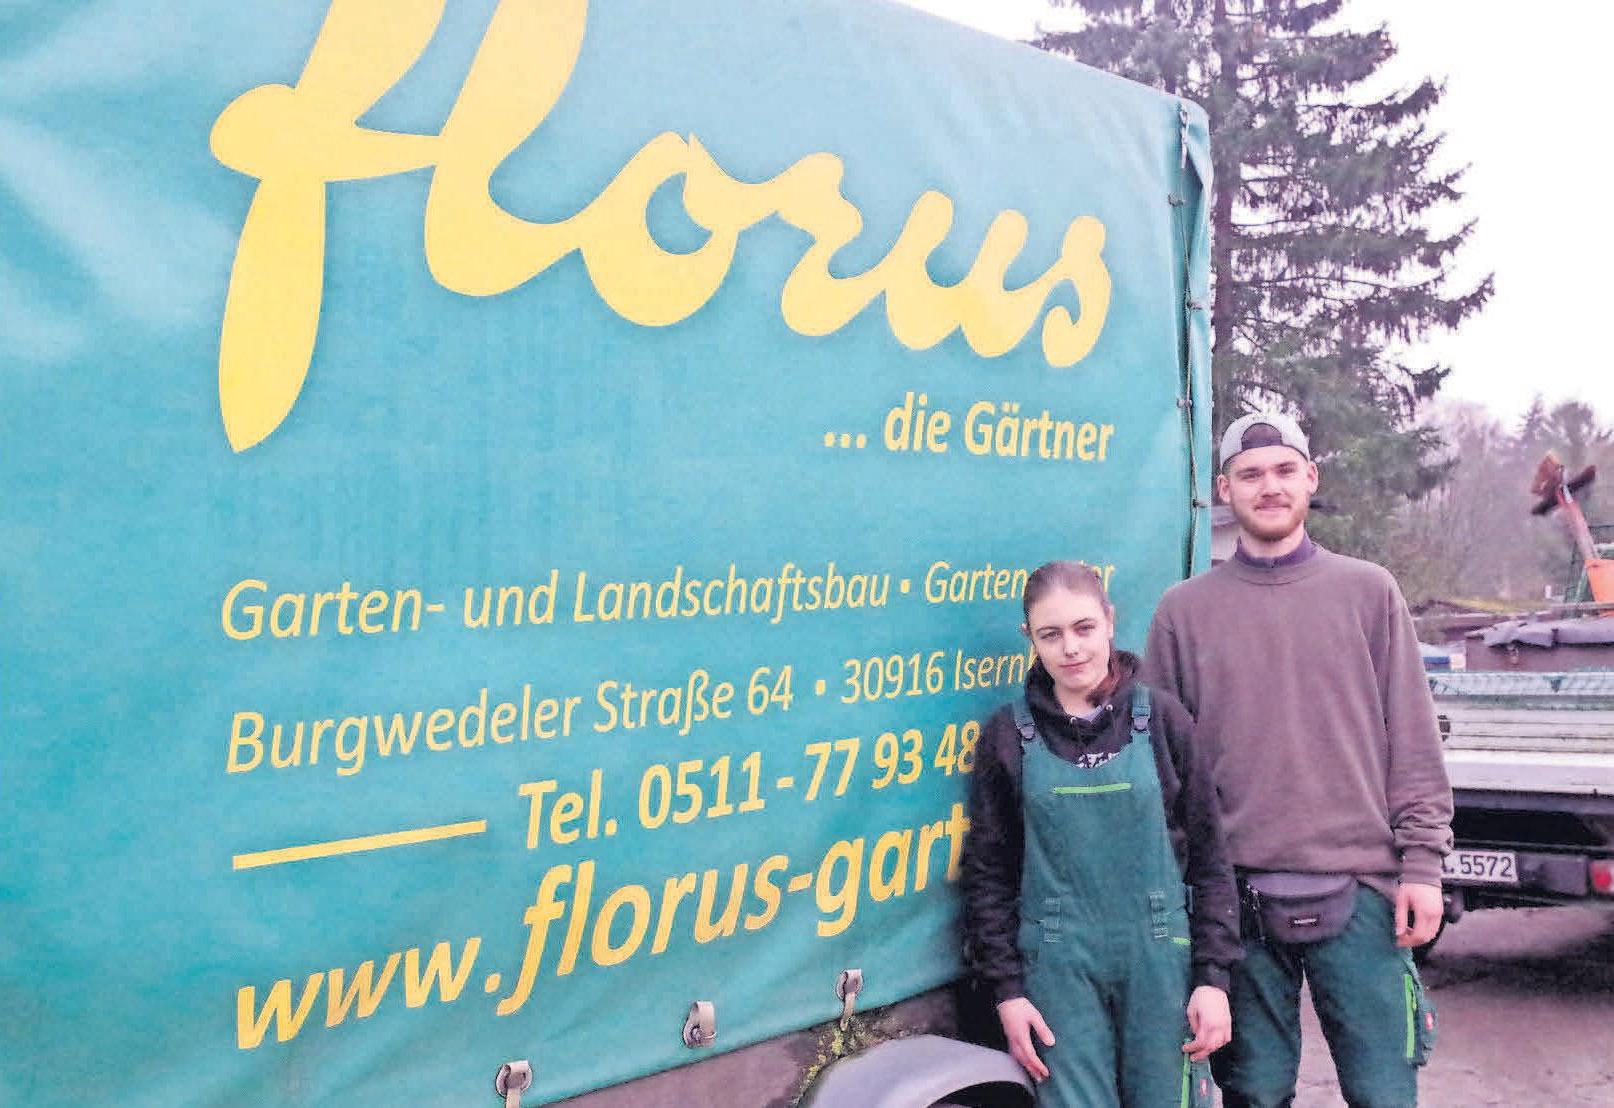 Michelle Stepien und Moritz Matthey durchlaufen zurzeit ihre Ausbildung beim florus Gartenbetrieb.